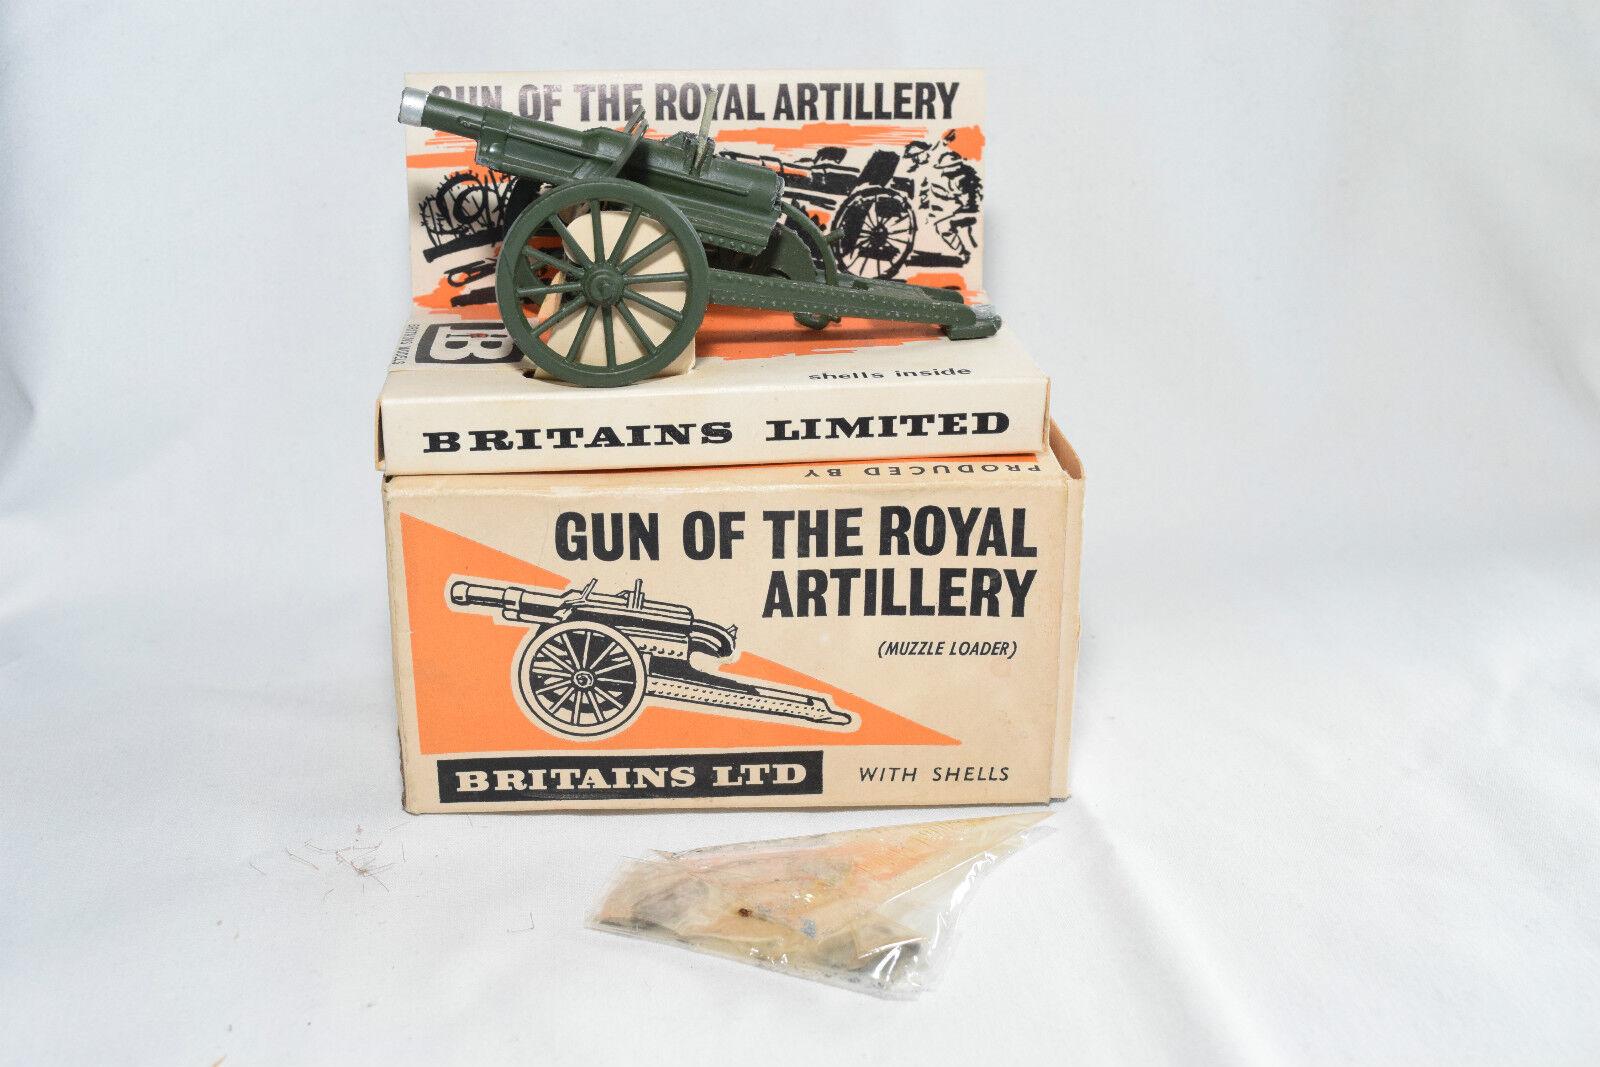 Country 9710 r.a. waffe waffe der königlichen artillerie der armee in der nähe - boxen